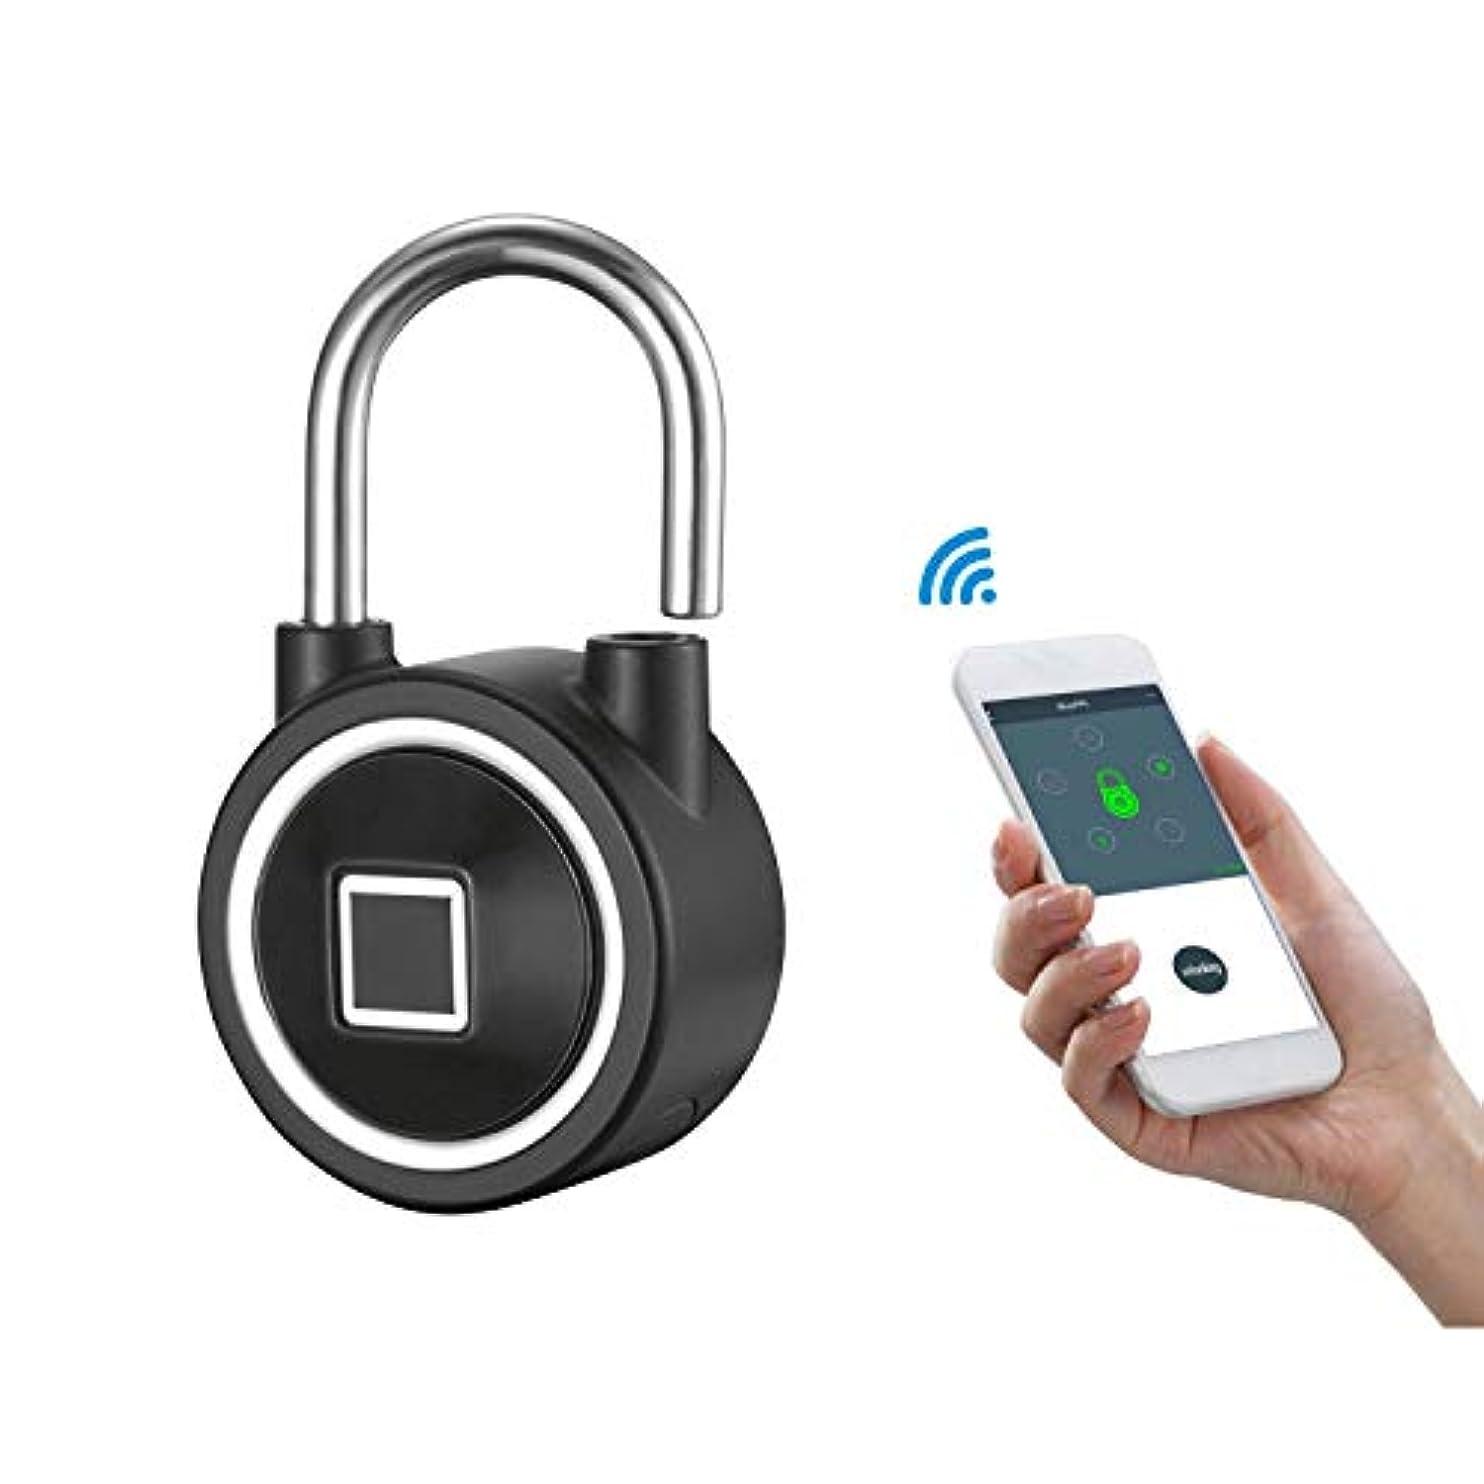 真夜中優雅ロマンス電子鍵盤、スマートBluetooth指紋認証、ドア倉庫ドア管理、リモートロック解除パスワードロック